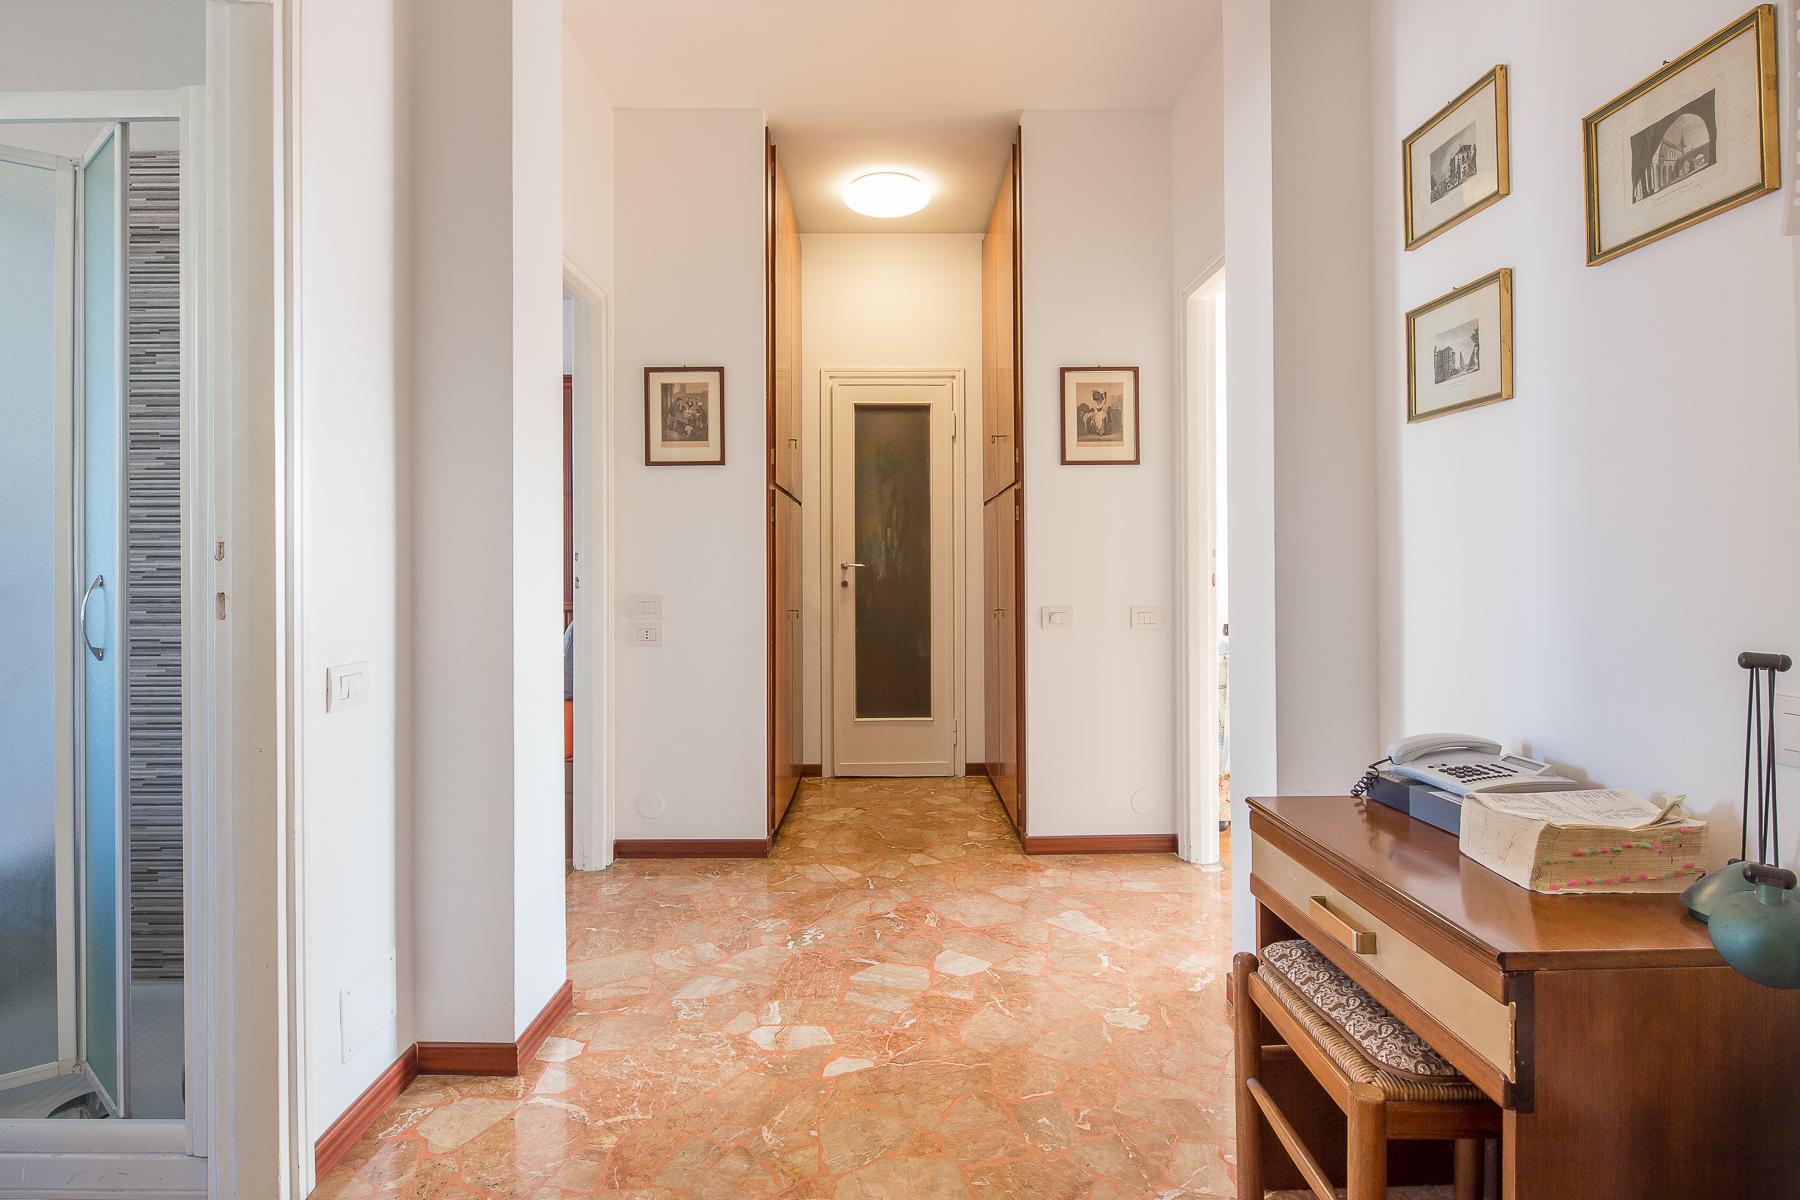 Attico in Vendita a Milano: 3 locali, 132 mq - Foto 3